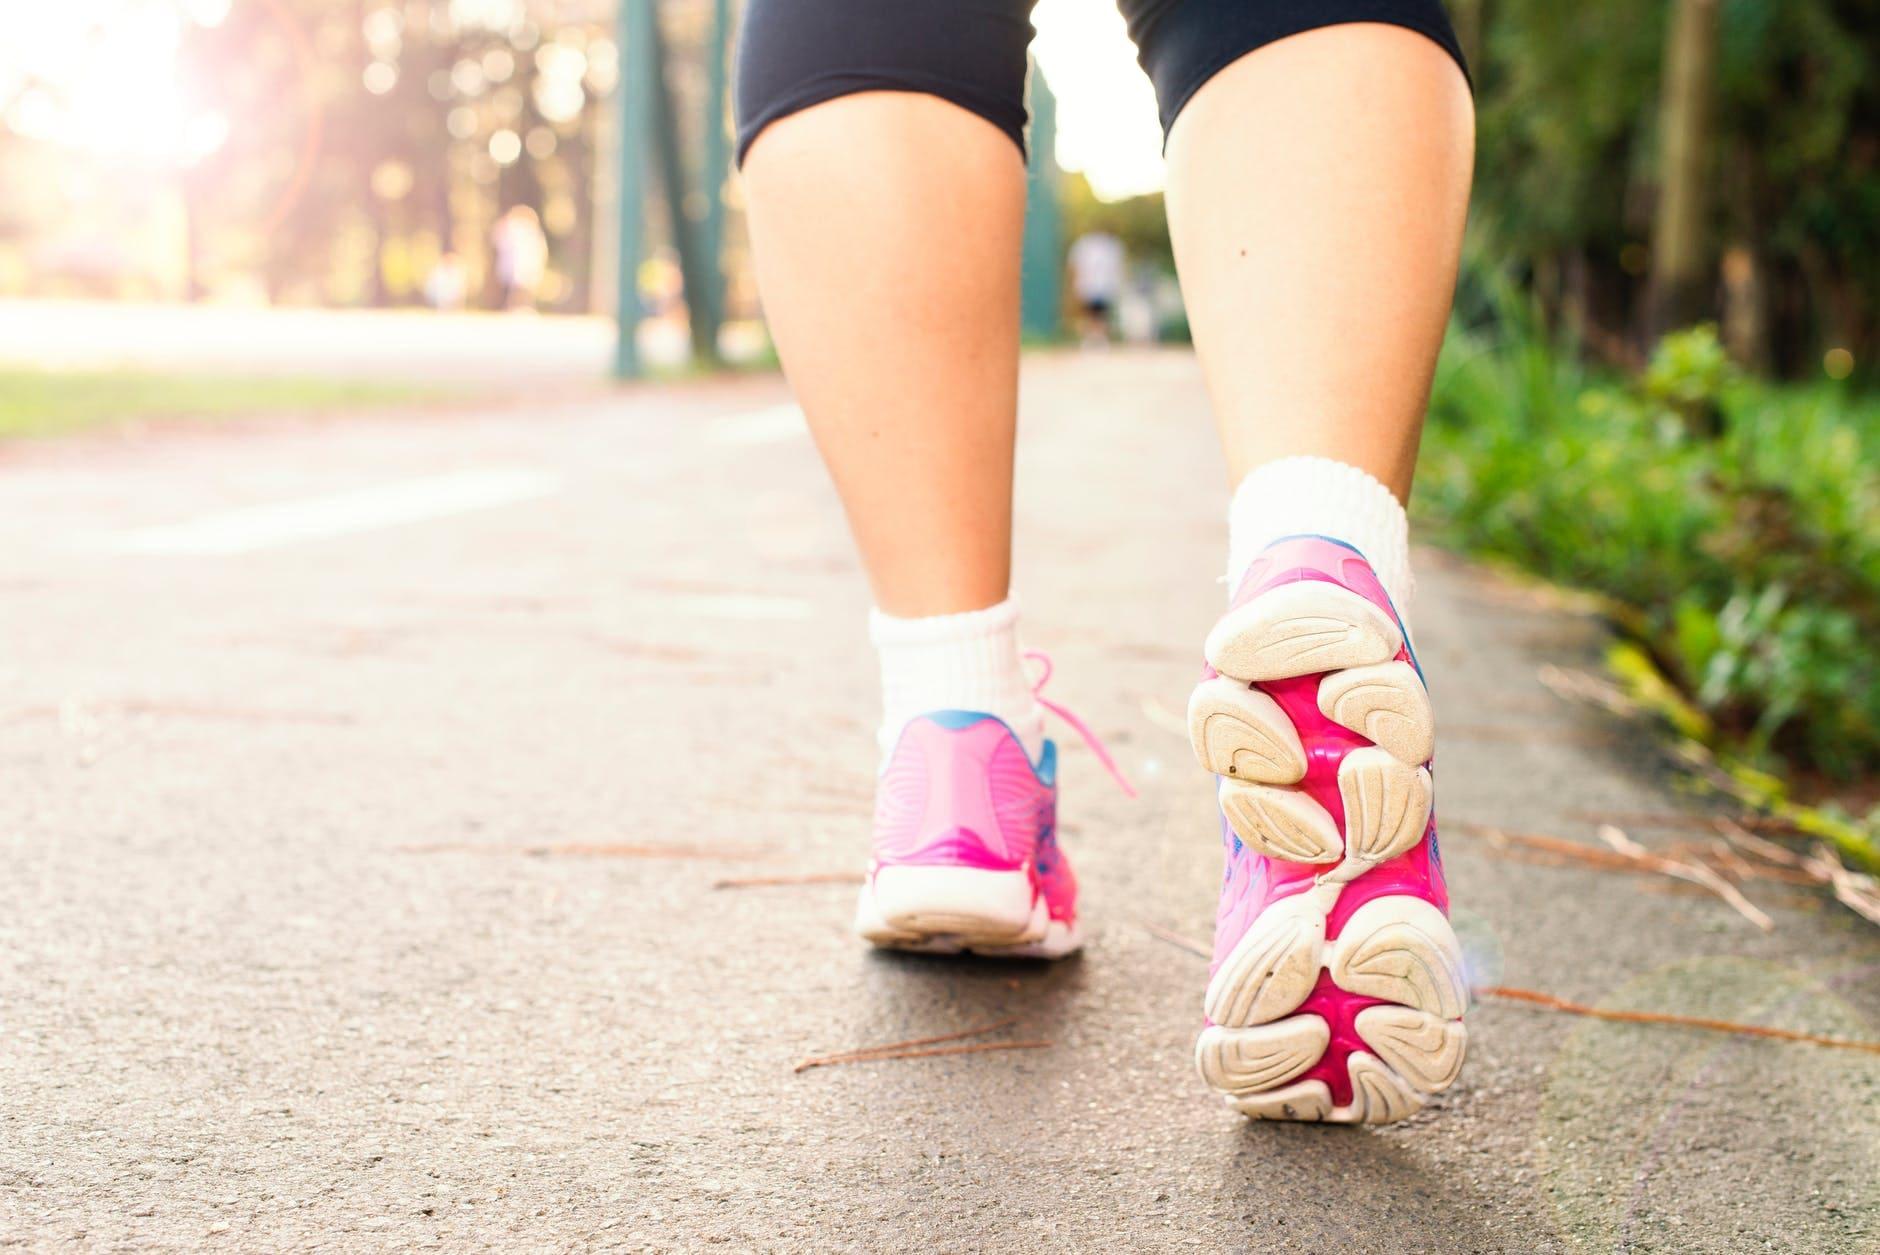 Benefits of walking for diabetics